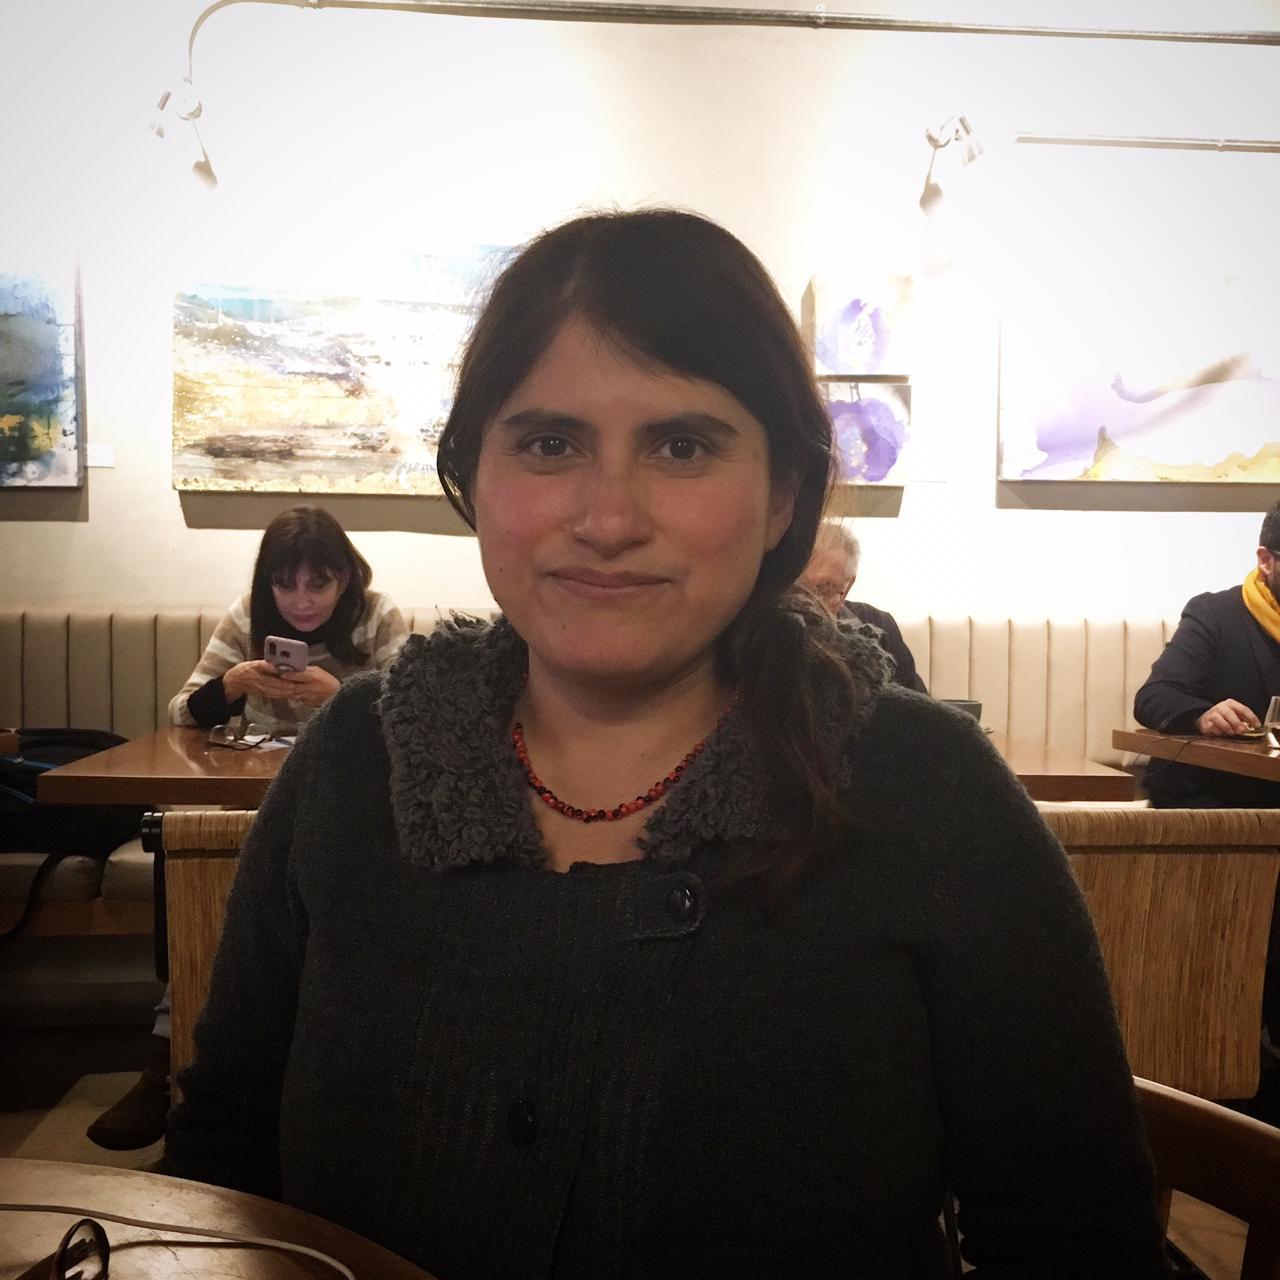 Entrevista a la Directora Peruana Melina León de Canción sin Nombre, Escapar del Pasado es Imposible